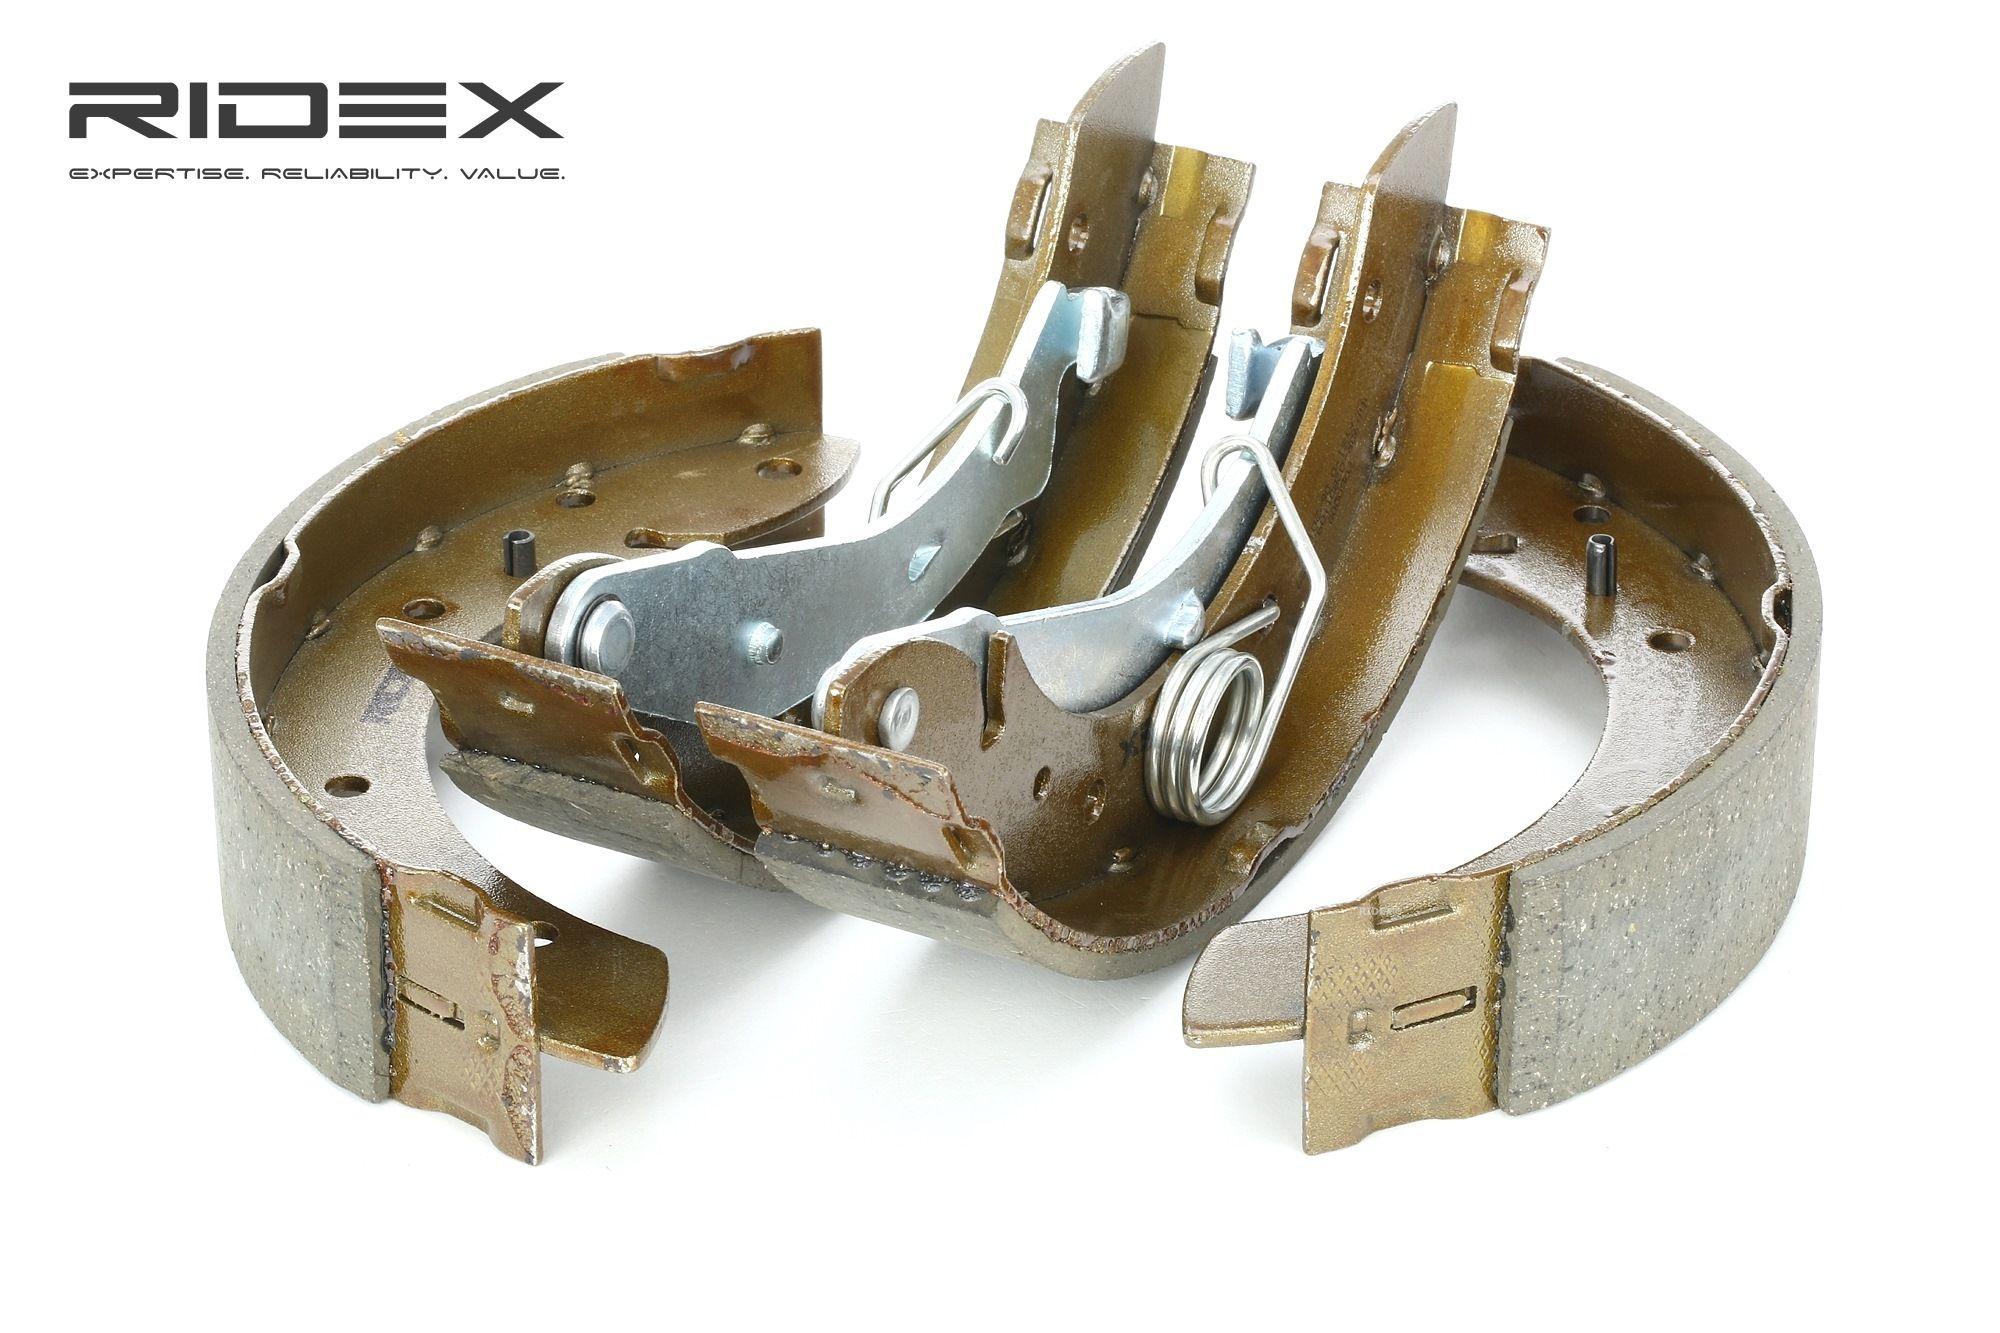 Bremsbackensatz für Trommelbremse 70B0008 rund um die Uhr online kaufen